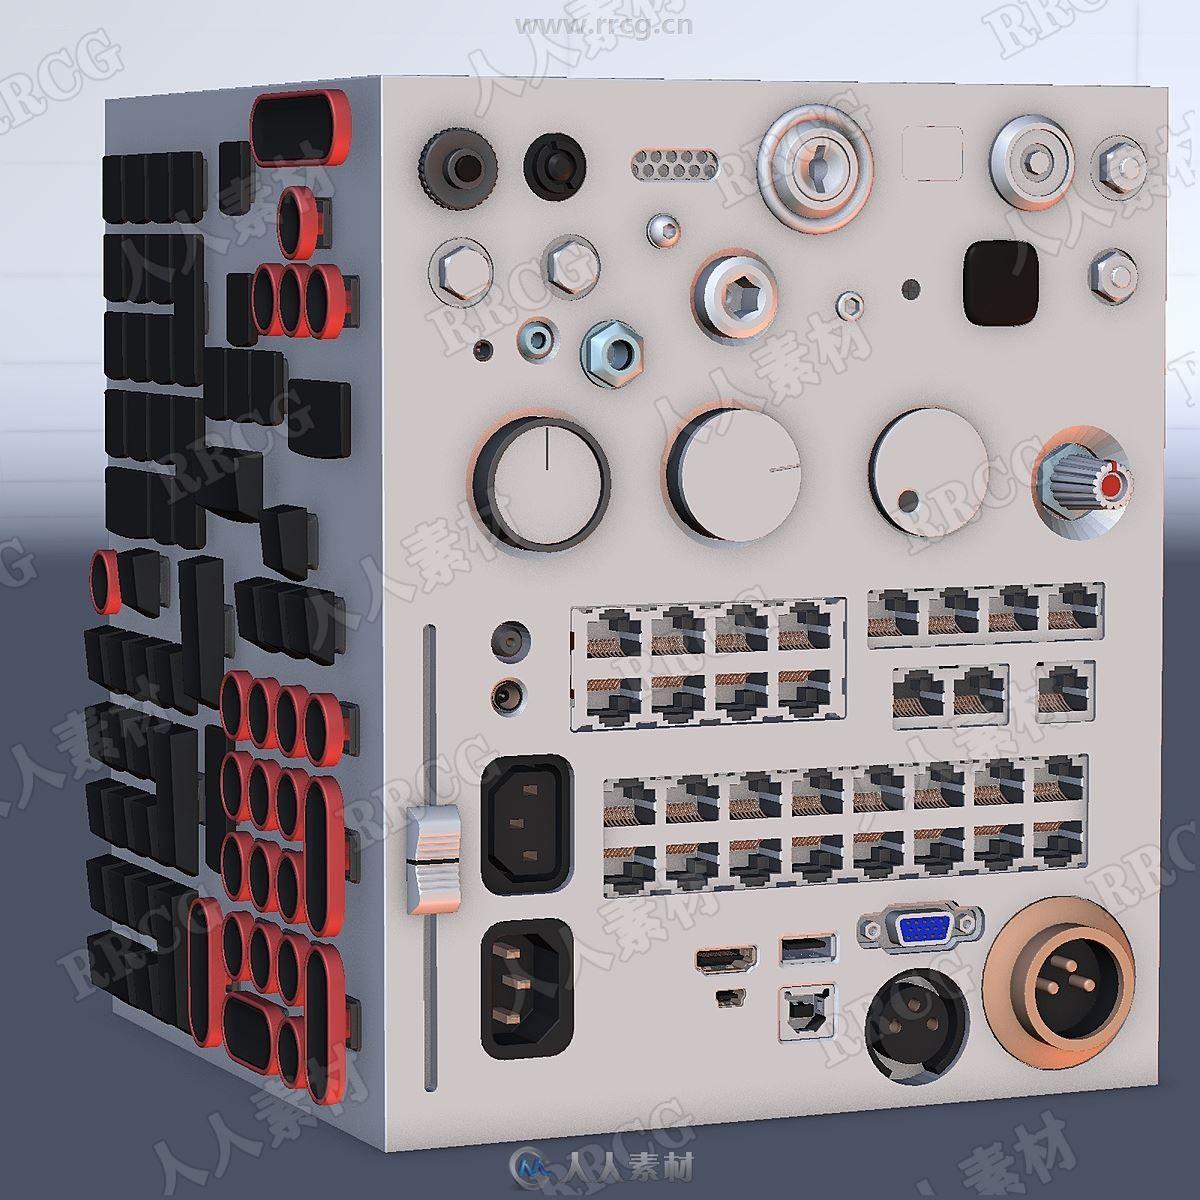 250组Abkit插入式模型组件Blender插件V1.1.5版